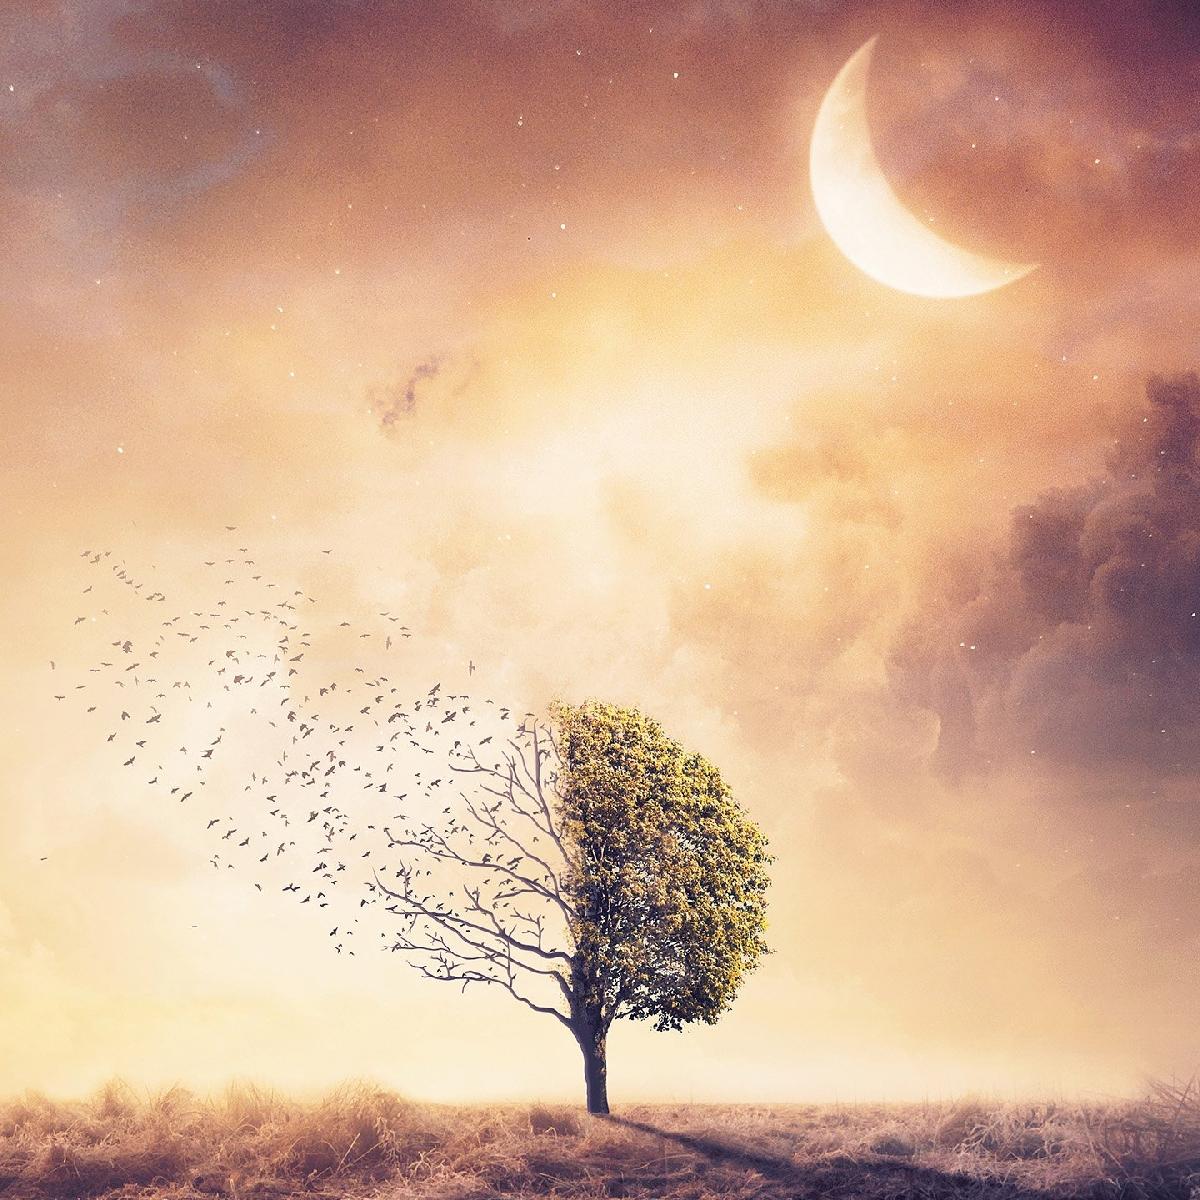 تصاویر نگارخانه متن نگار , غمگین, تنهایی, طبیعت